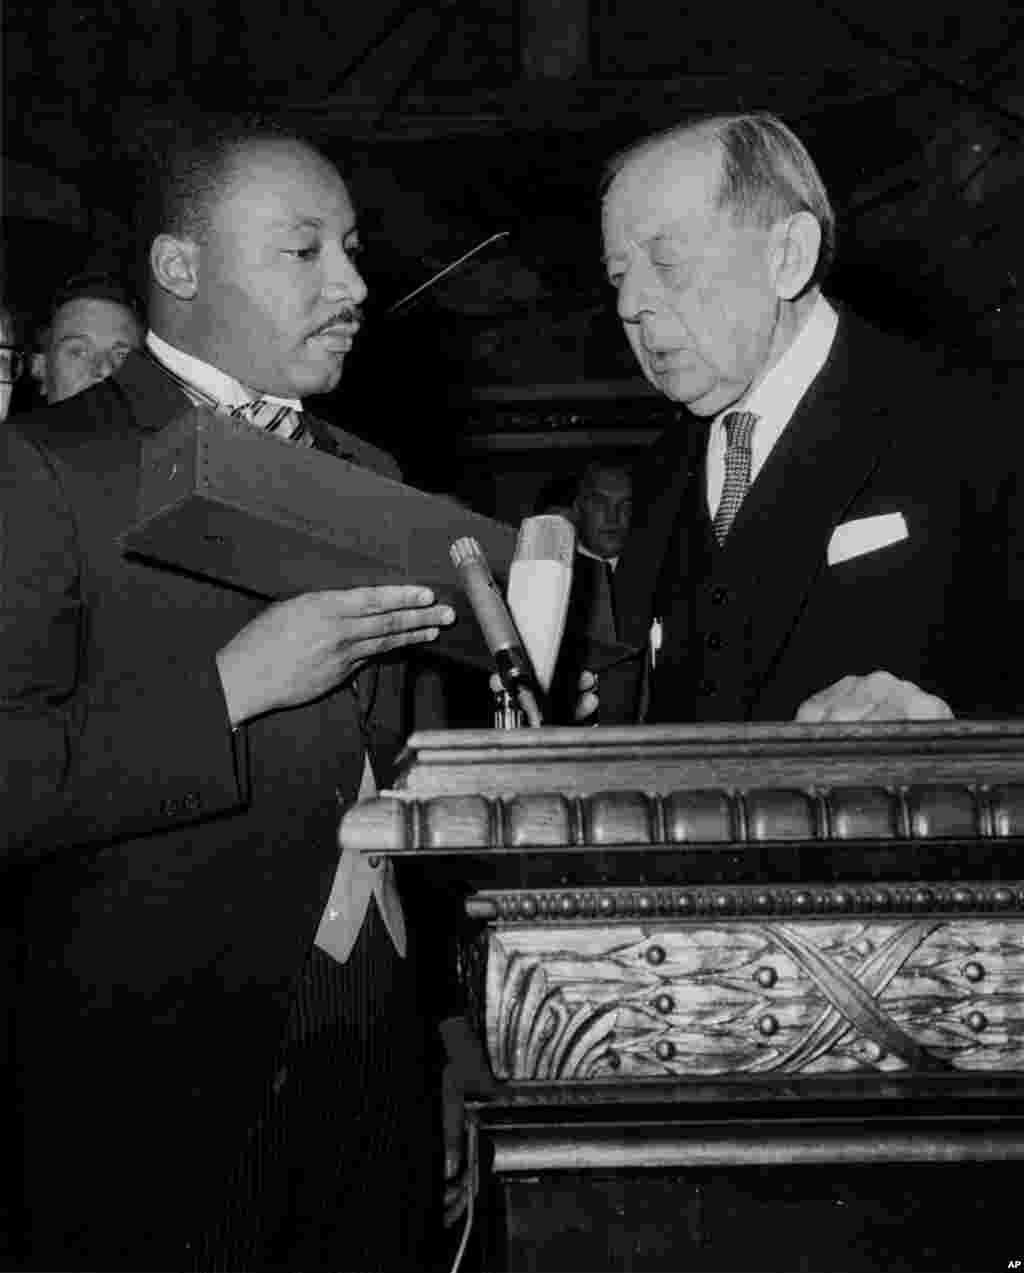 លោក Martin Luther King, Jr. កាន់ប្រអប់មួយដែលមានមេដាយមាសនៃពានរង្វាន់ណូបែលសន្តិភាព បន្ទាប់ពីពេលដែលលោកទទួលបាននៅក្នុងក្រុងអូស្លូ (Oslo) ប្រទេសន័រវែស កាលពីថ្ងៃទី១០ ខែធ្នូ ឆ្នាំ១៩៦៤។